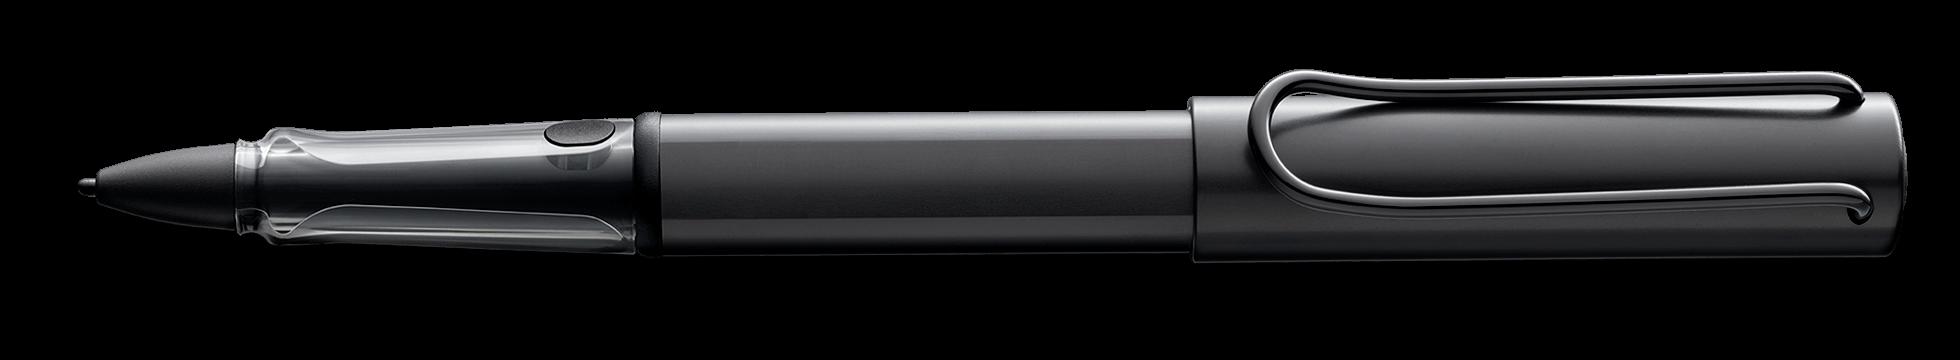 emr Multisystem pen